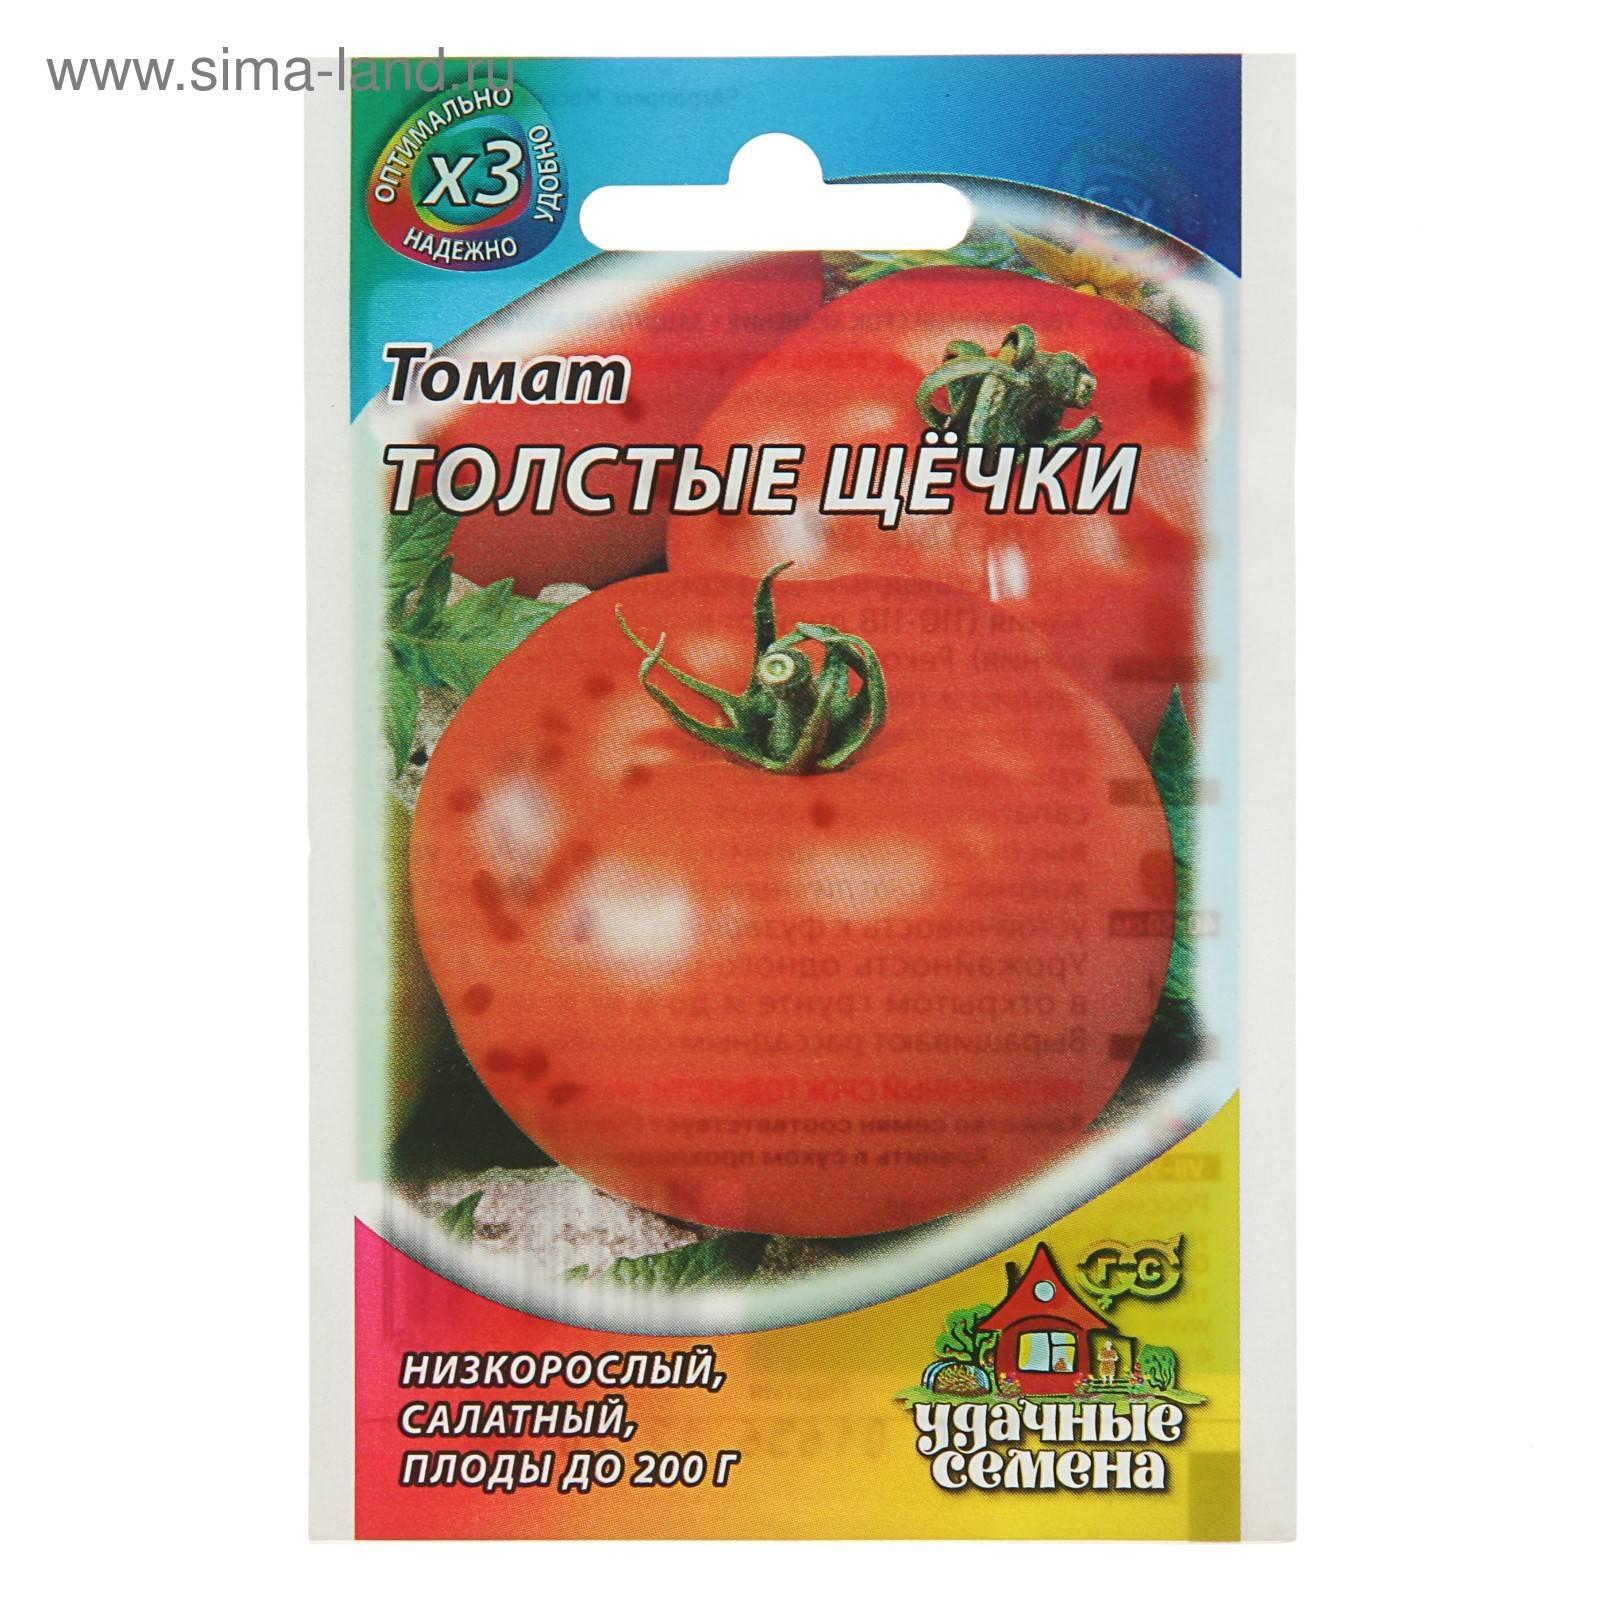 Описание томата розовые щёчки — отзывы, характерные особенности